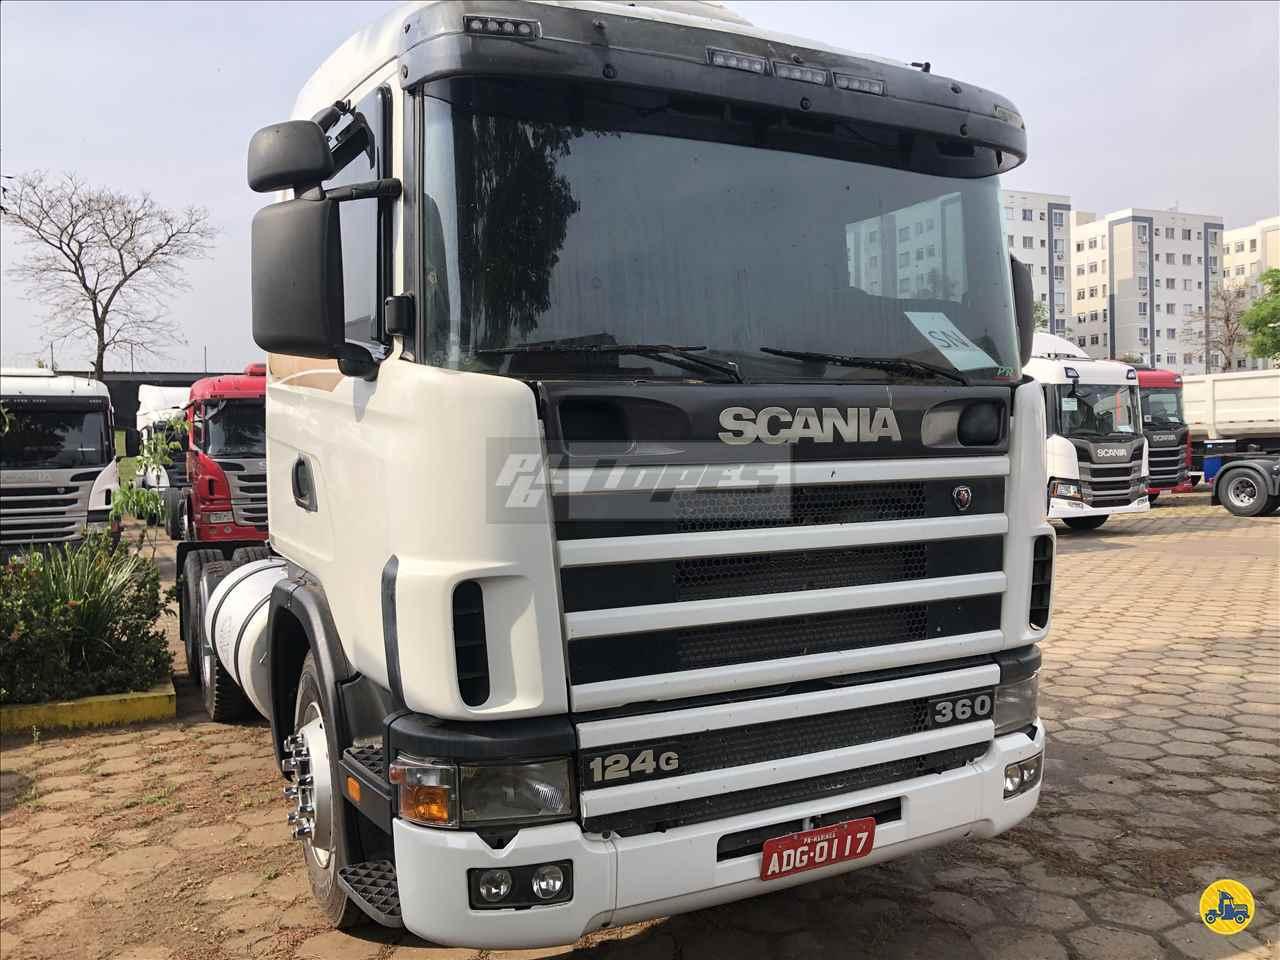 SCANIA 124 360 de P.B. Lopes - Scania - MARINGA/PR